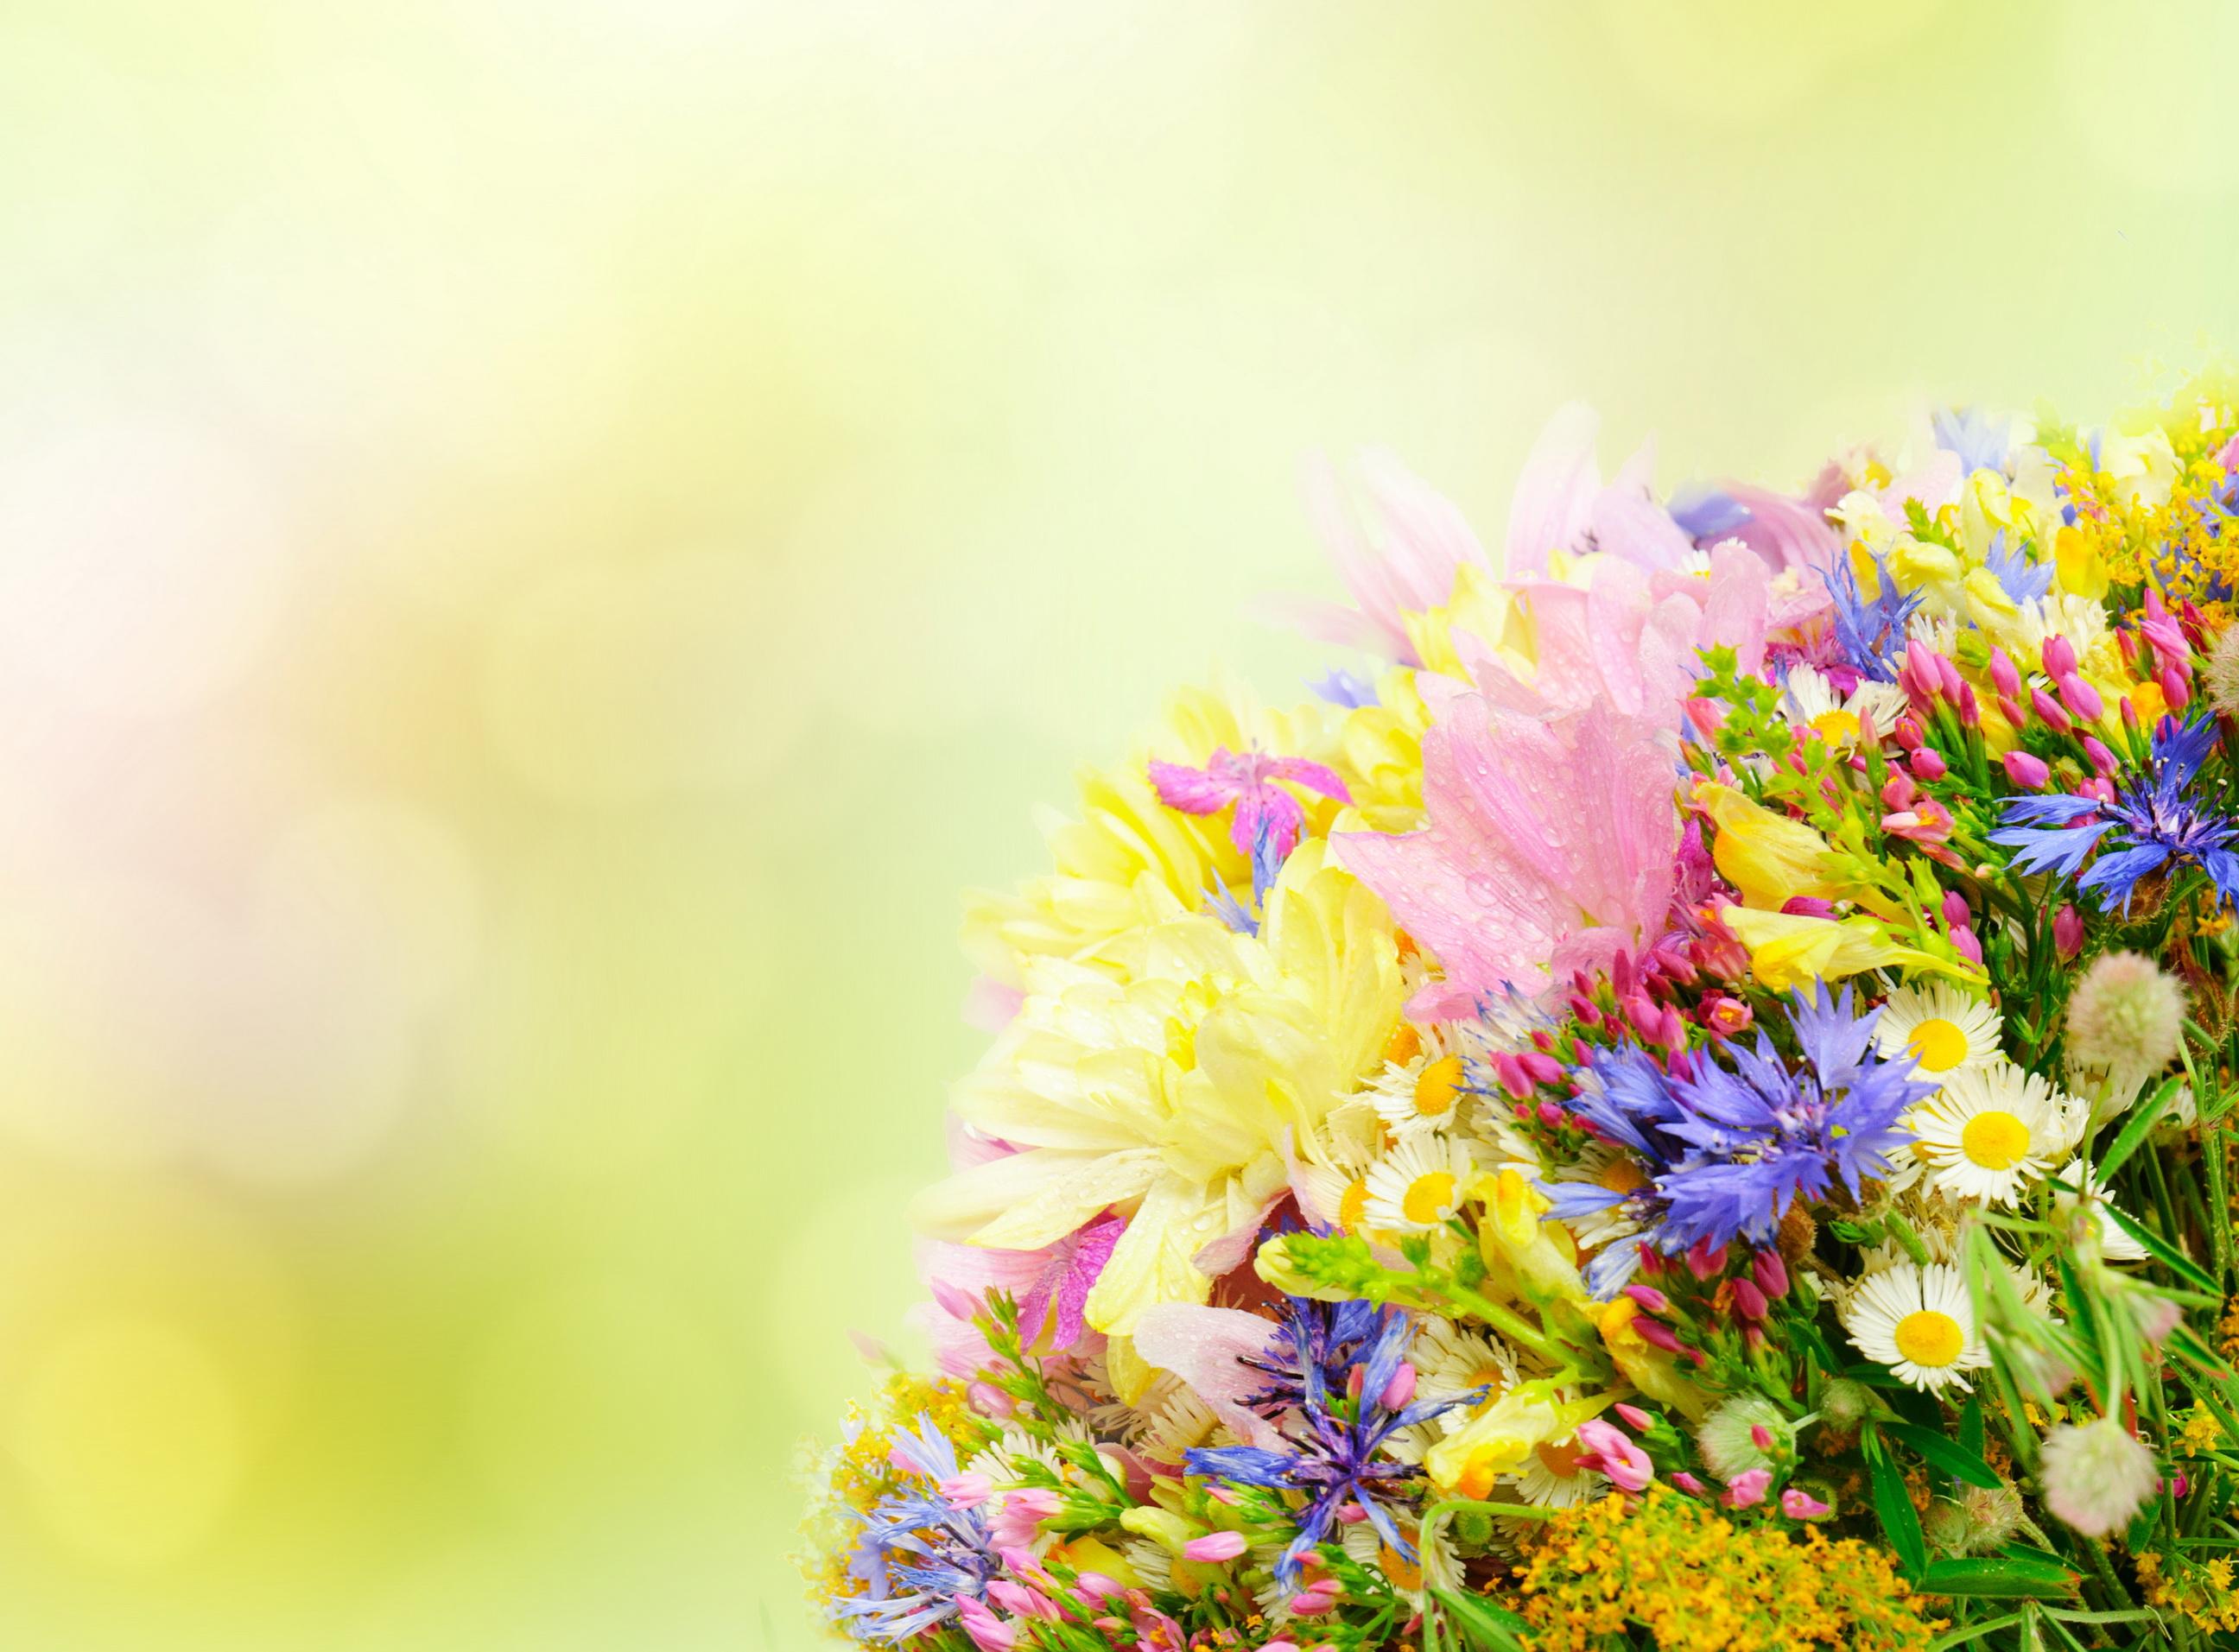 color flower wallpaper  Color Petals Bouquet Flowers - [2592 x 1913]